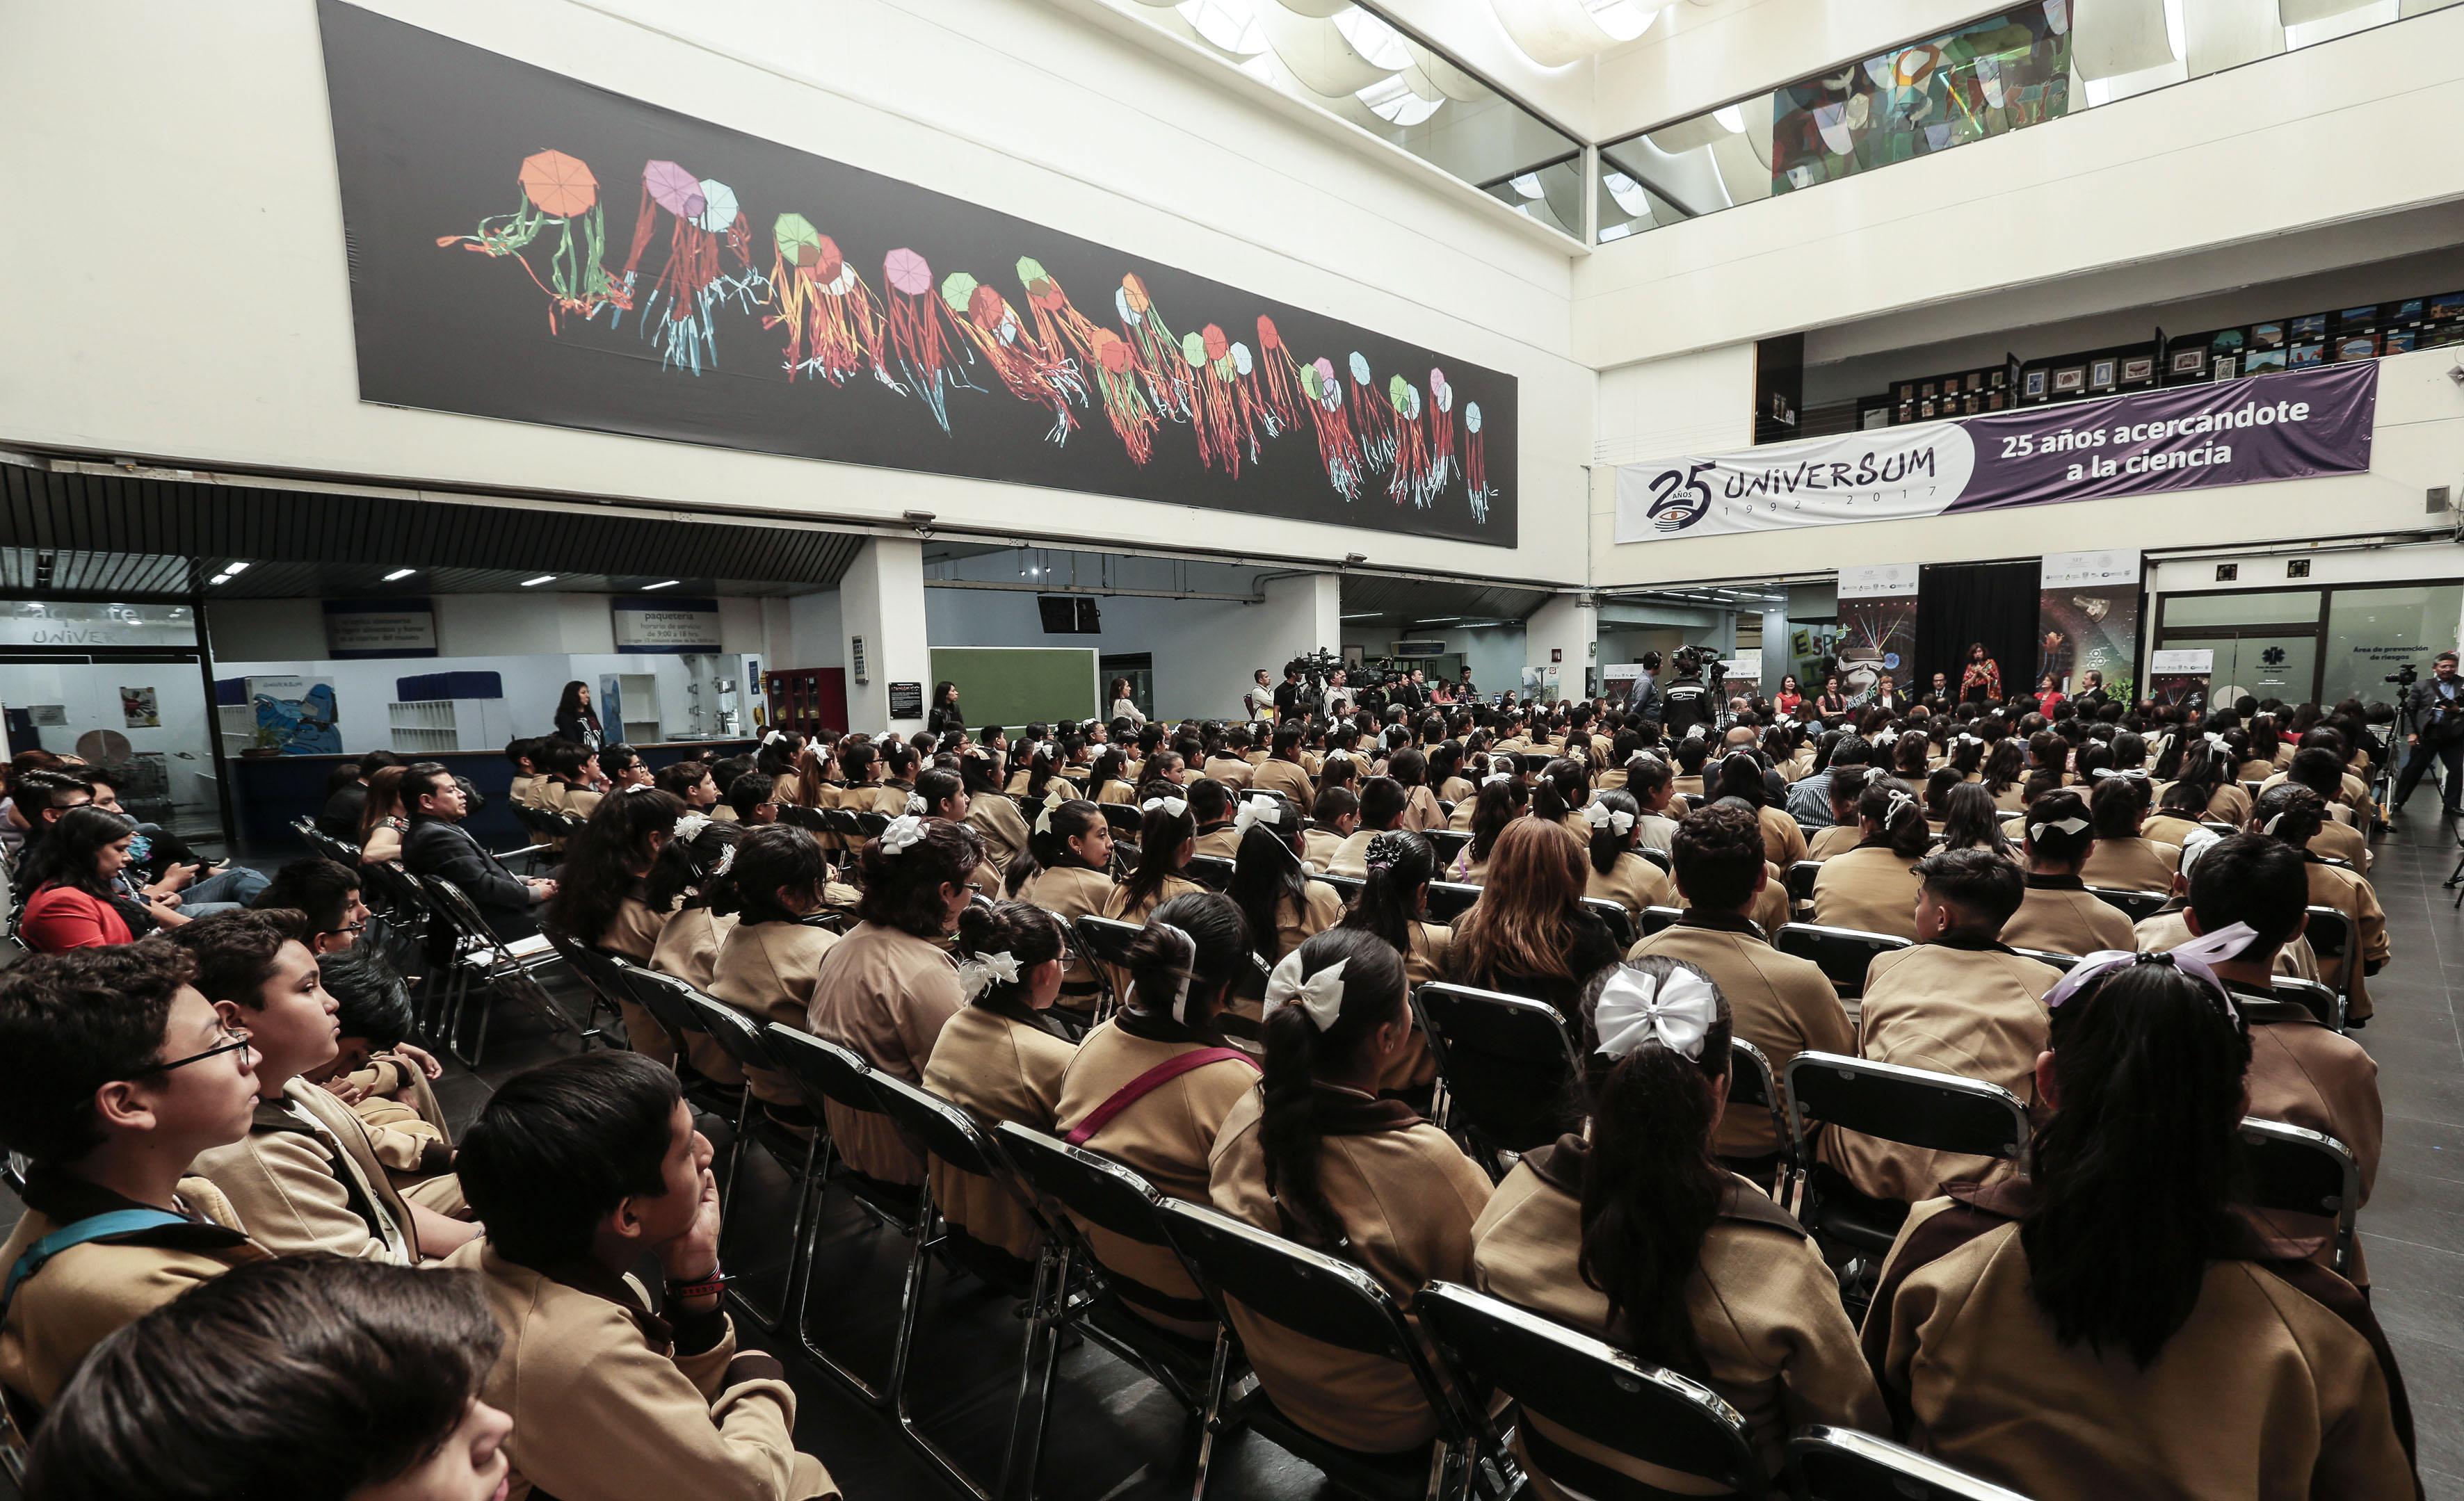 alumnos de secundaria tecnica en sala principal de museo universum